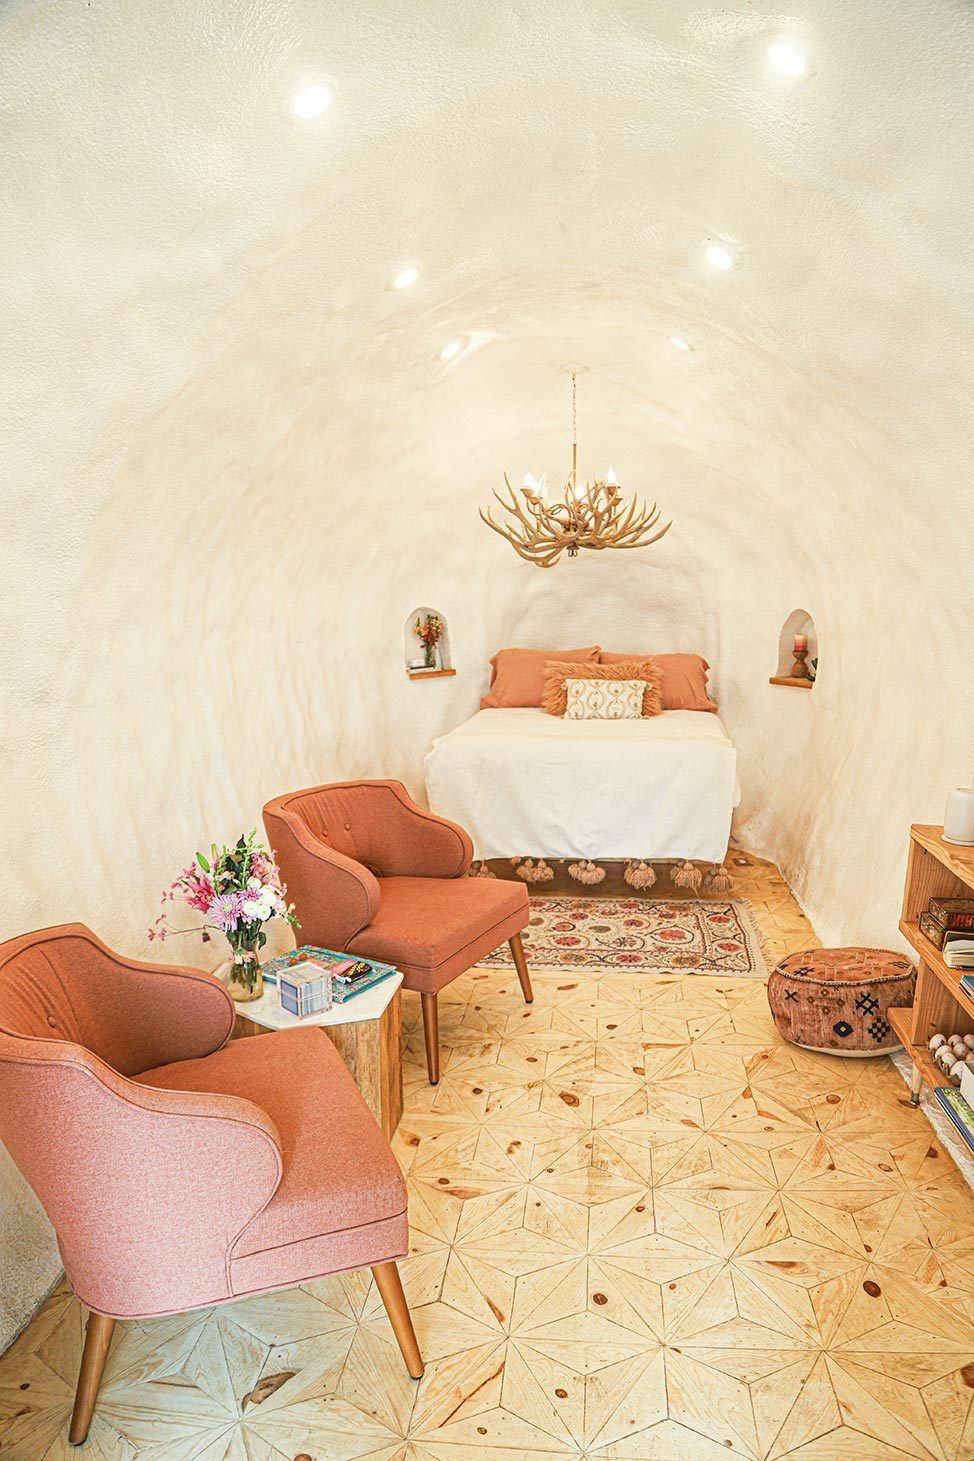 Idaho Potato Hotel Interior